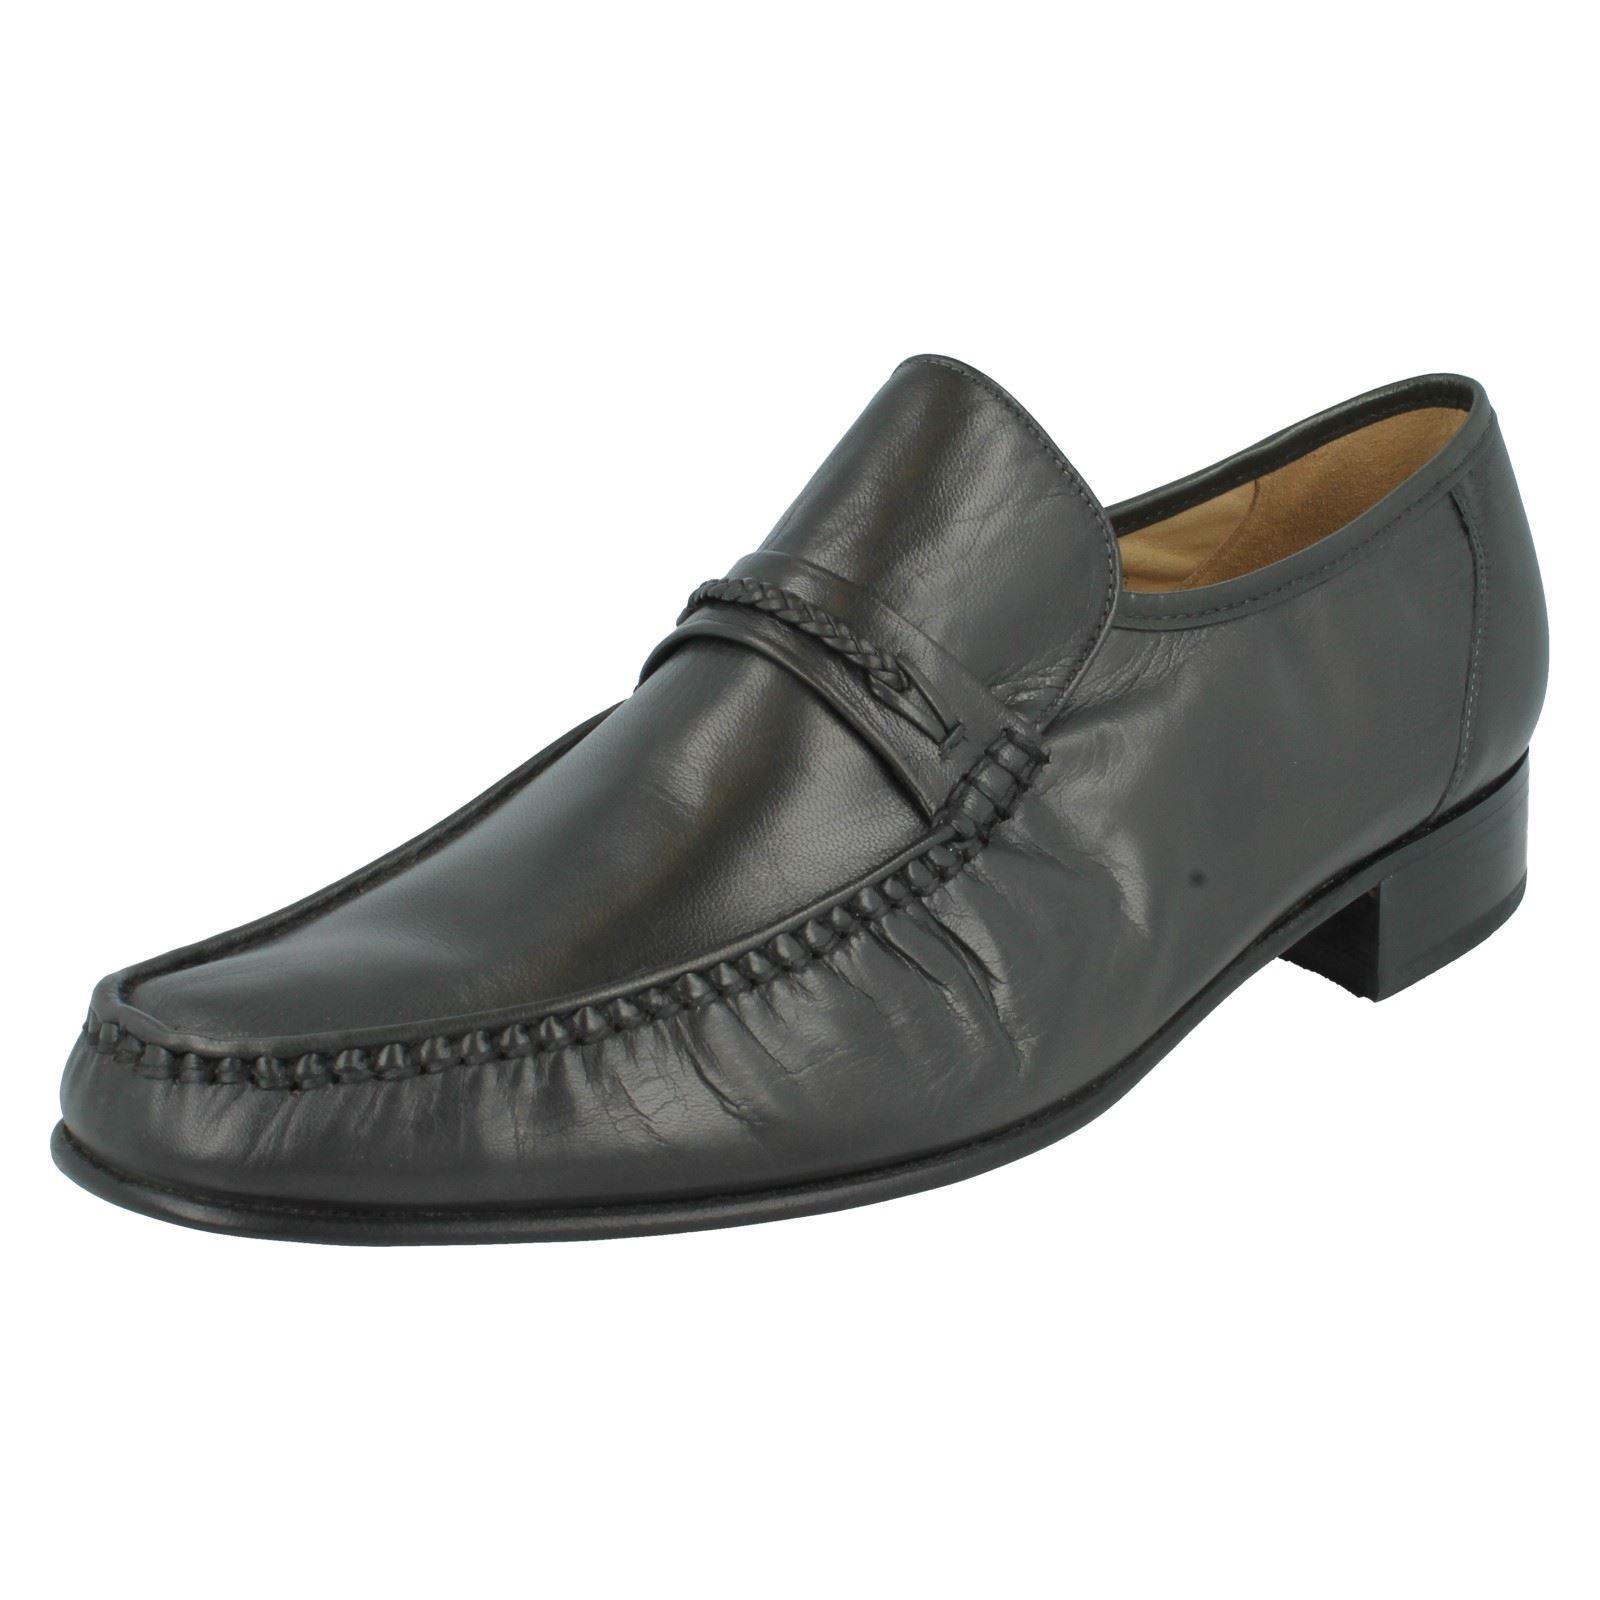 Homme en Grenson à enfiler en Homme cuir gris g fit formelle Mocassins Chaussures Floride 9623 778b00